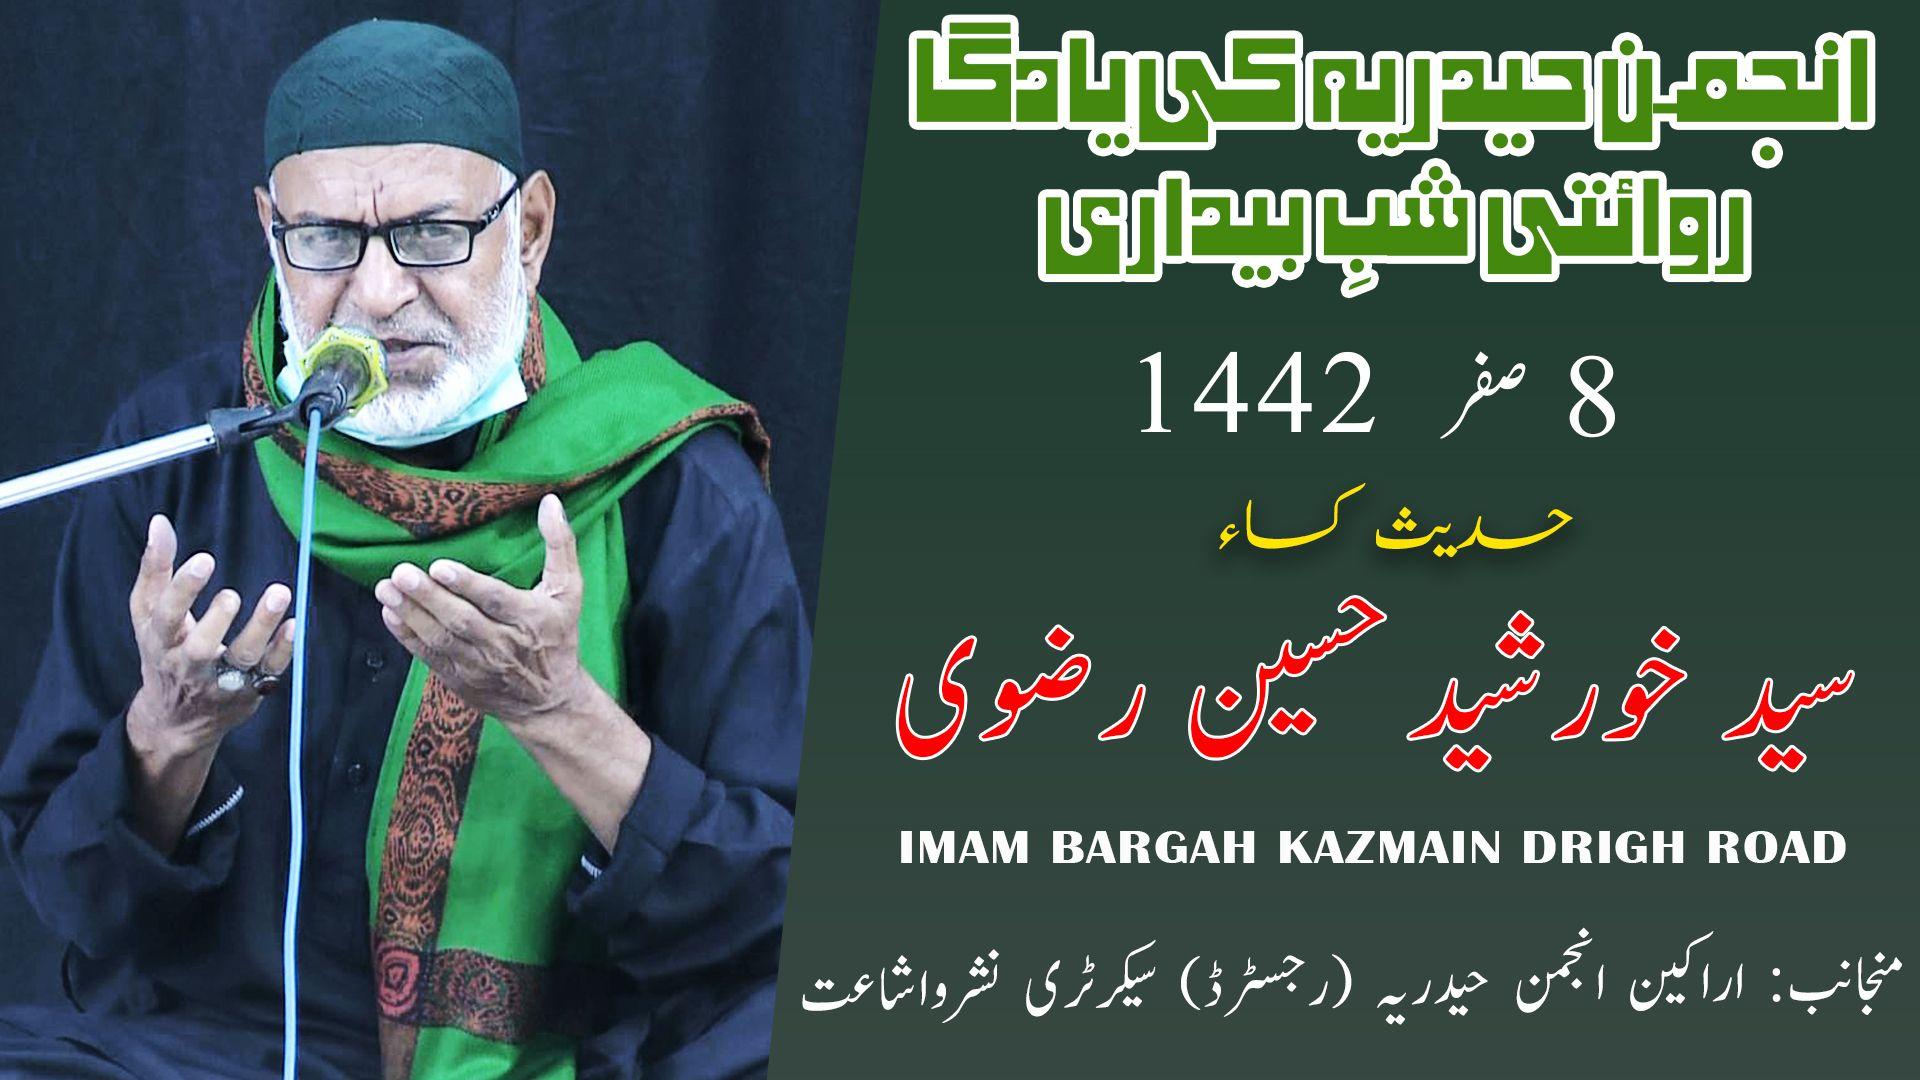 Hadees-e-Kisa | Khurseed Hussain | Yadgar Shabedari - 8th Safar 1442/2020 - Imam Bargah Kazmain